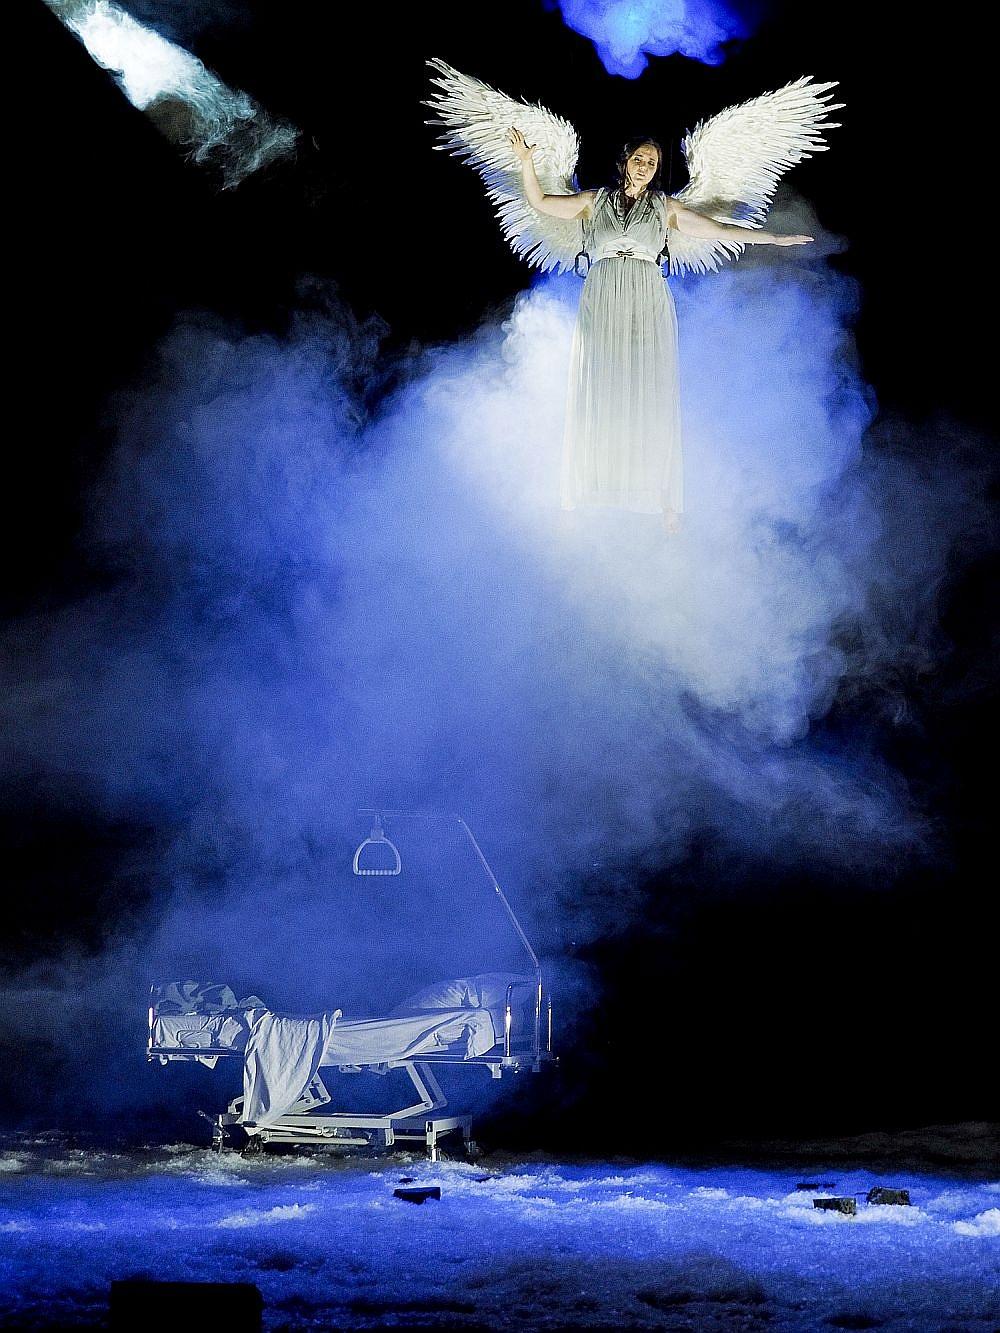 Angels_in_America_Neue_Oper_Wien_5_c_Armin_Bardel-104509.jpg